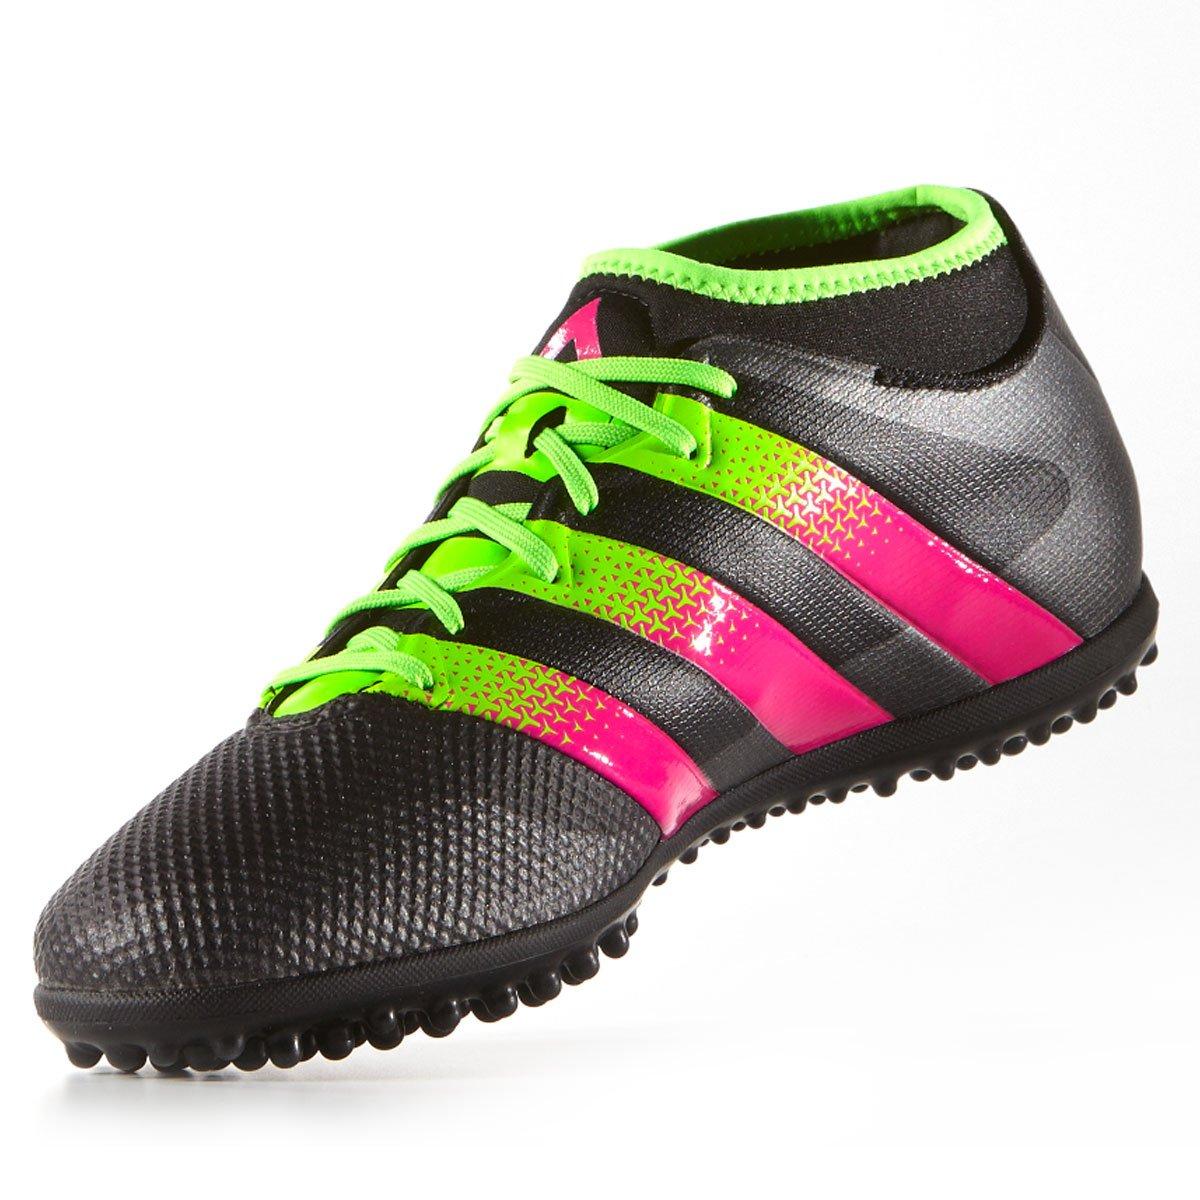 c81f7331f2 Chuteira Society Adidas Ace 16.3 Primemesh TF Masculina